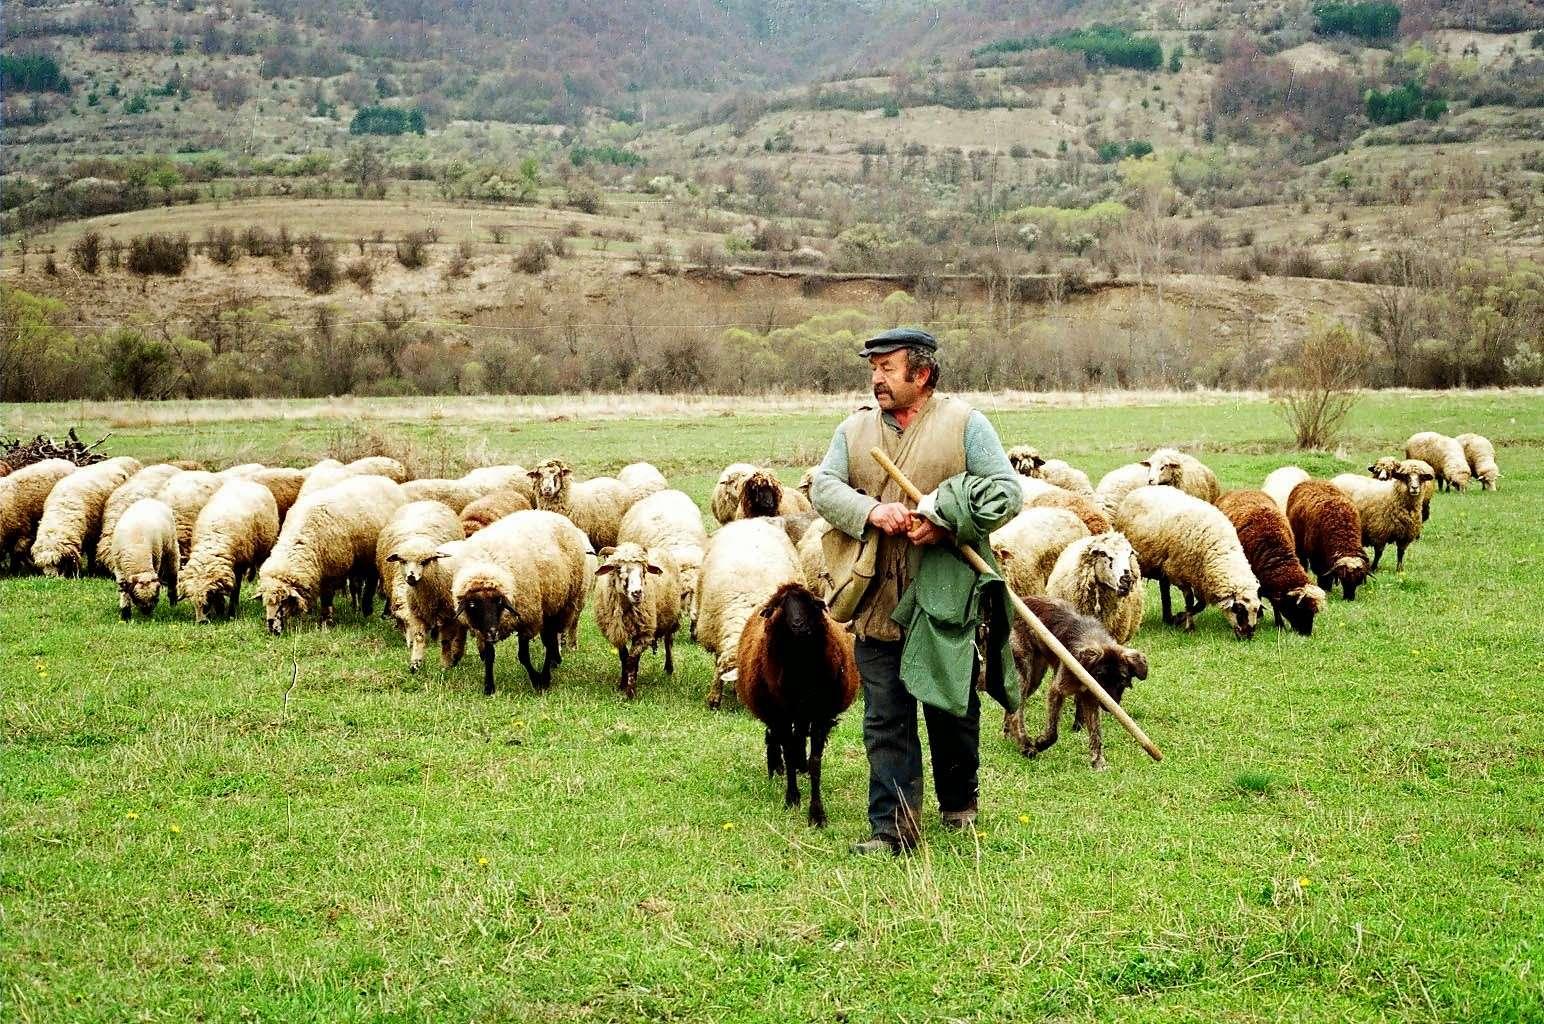 Με άλλα λόγια, οι κτηνοτρόφοι προτείνονται ως δεύτερη καταλληλότερη πληθυσμιακή ομάδα για την εγκαθίδρυση της ιδανικής δημοκρατίας, επειδή συμμετέχουν στην εκκλησία του δήμου